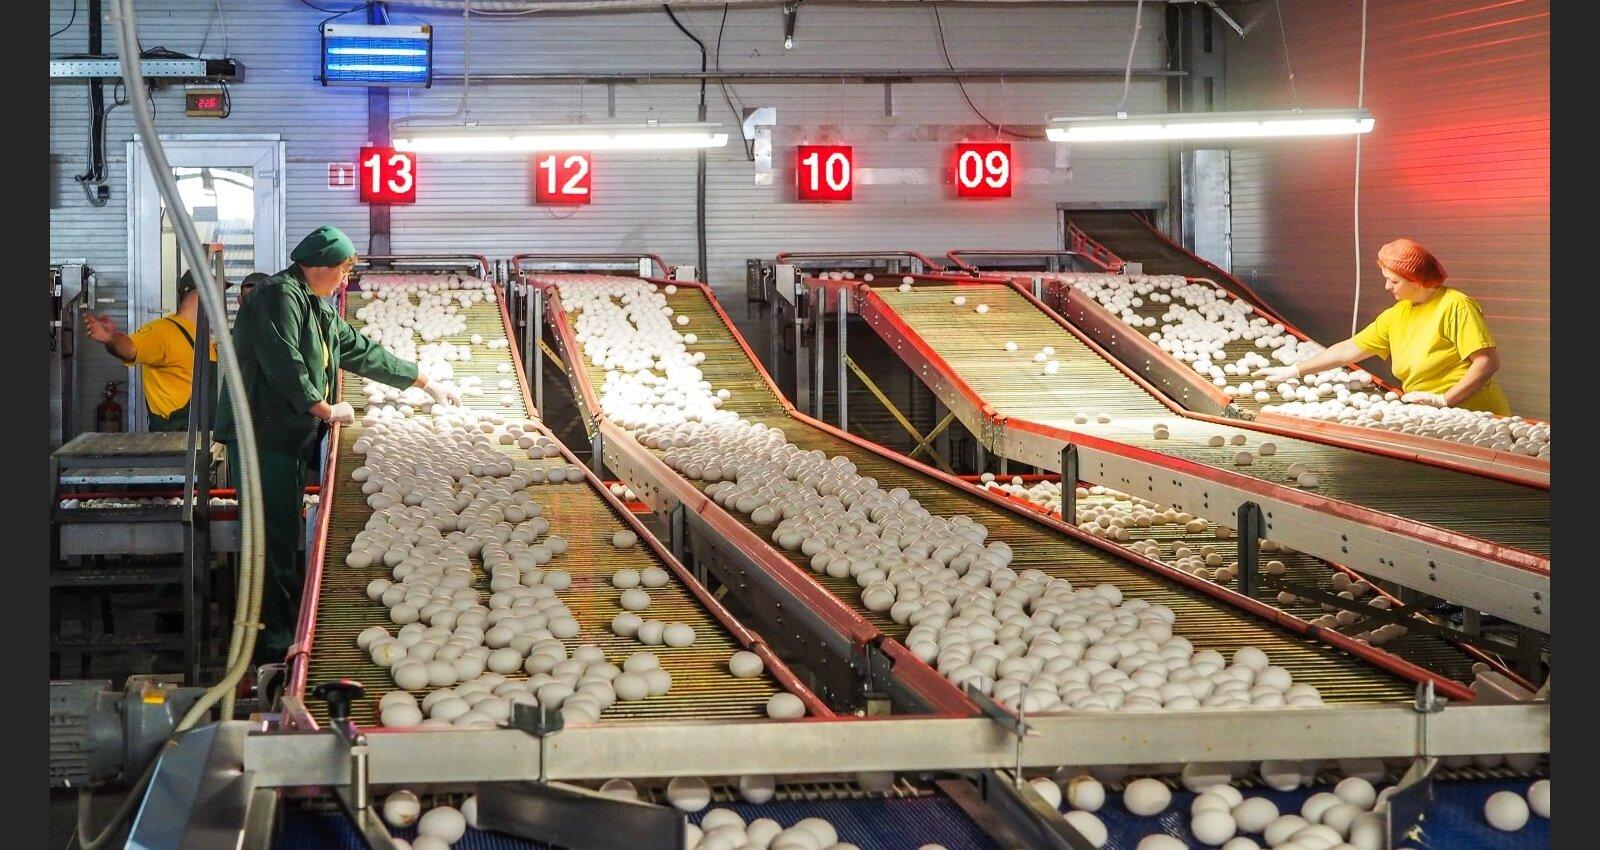 Эксклюзивный взгляд: как украинские яйца прокладывают путь на латвийский рынок